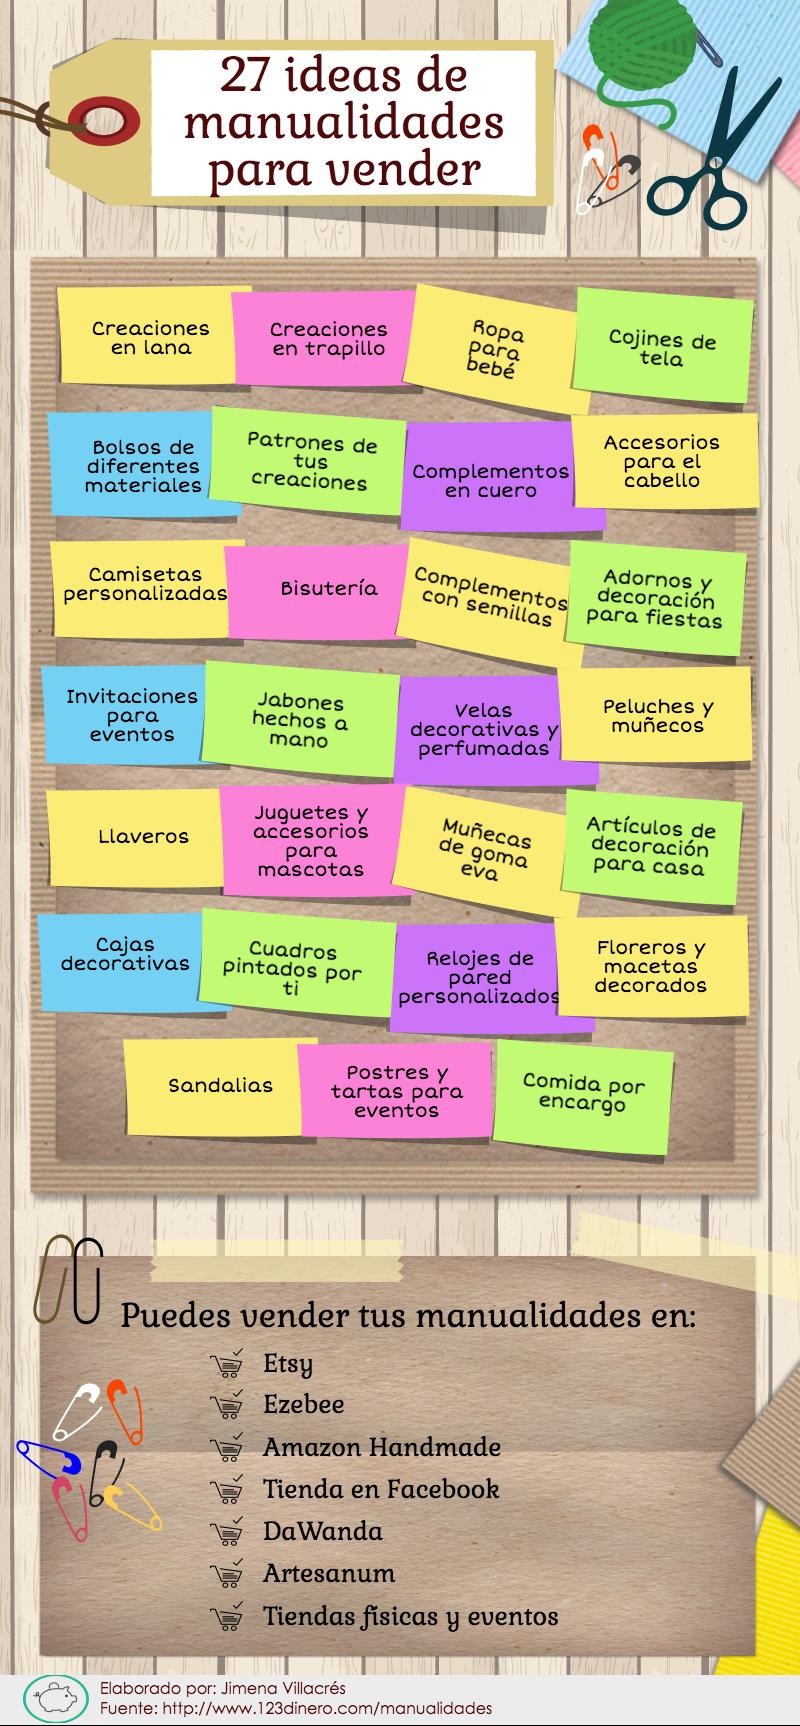 27 Ideas De Manualidades Para Hacer En Casa Y Donde Verder Manualidades Para Vender Manualidades Para Negocio Manualidades Para Hacer